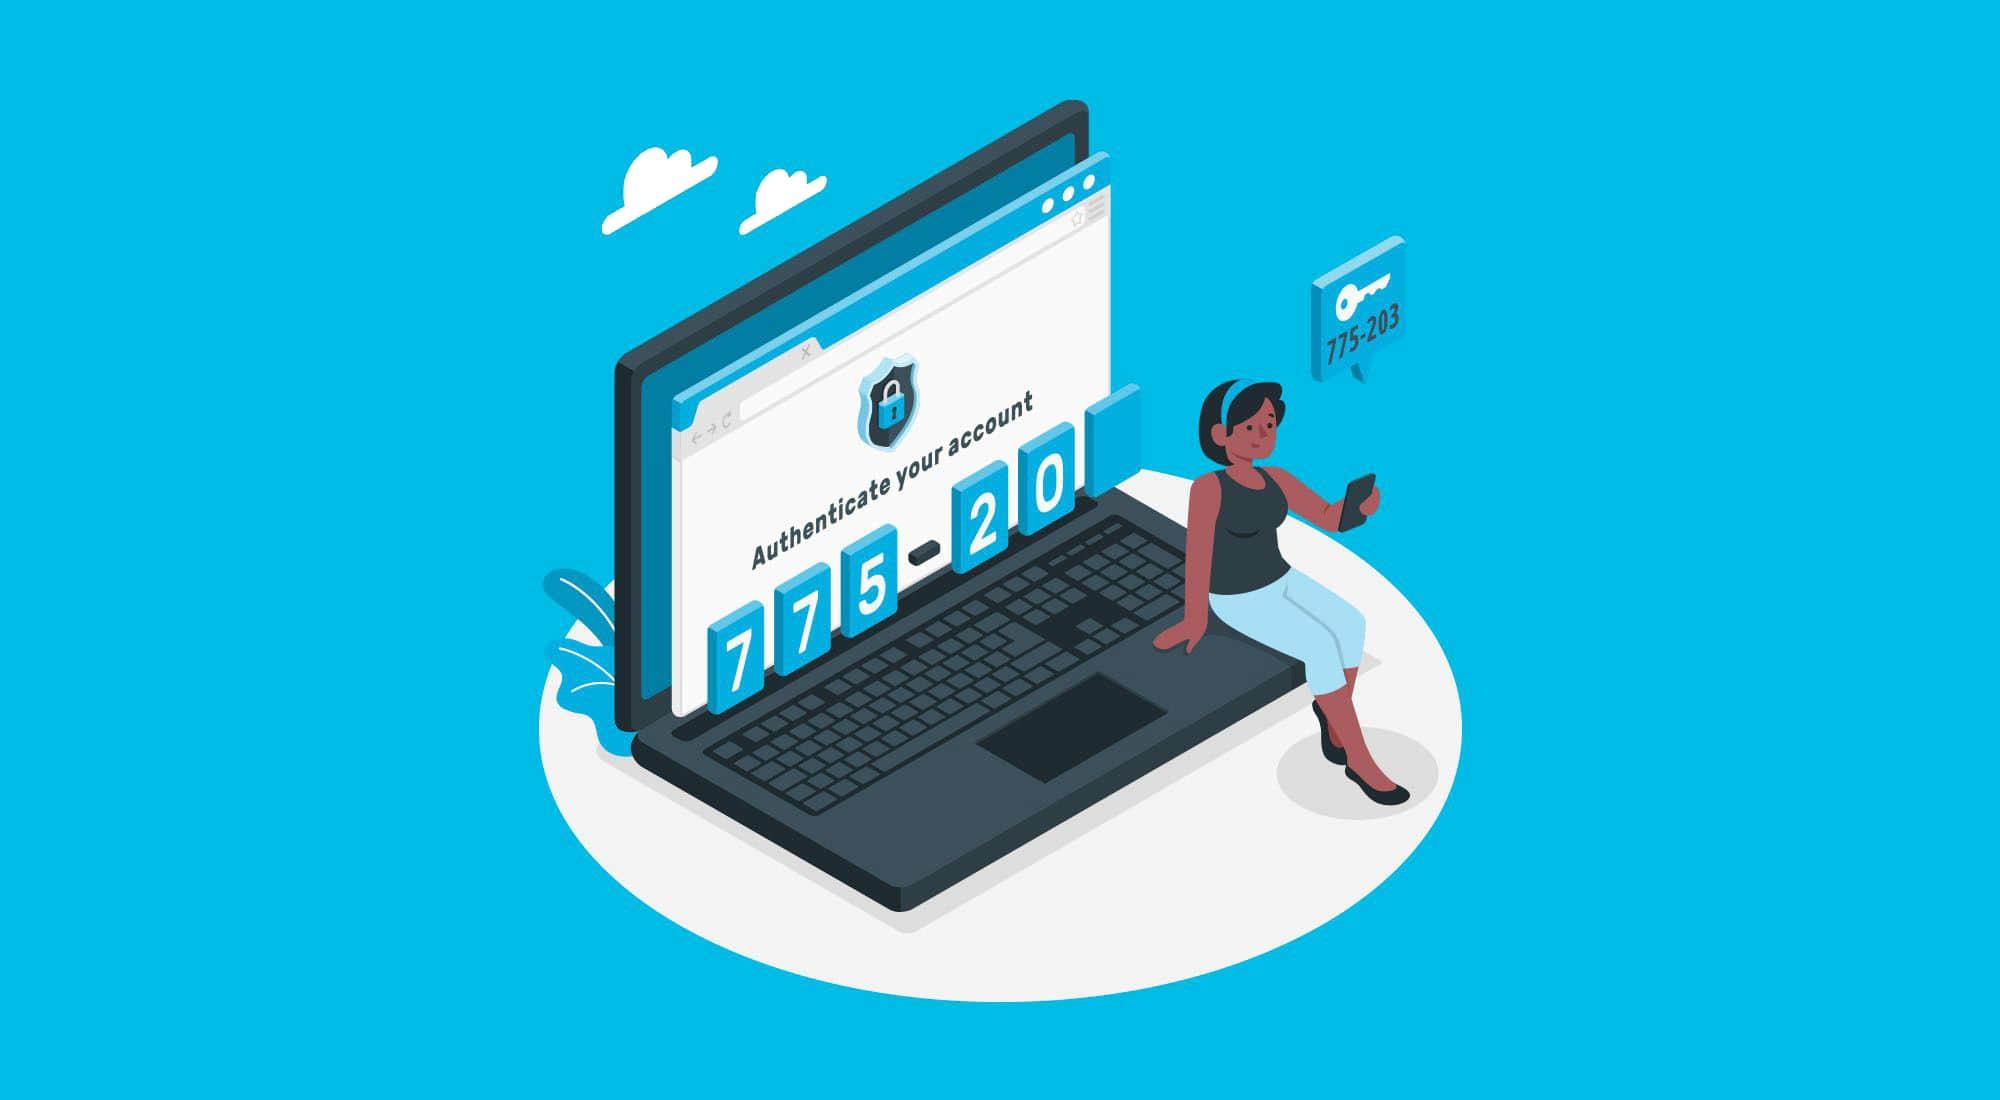 احراز هویت دو مرحله ای - وب سایت برتر رایانه